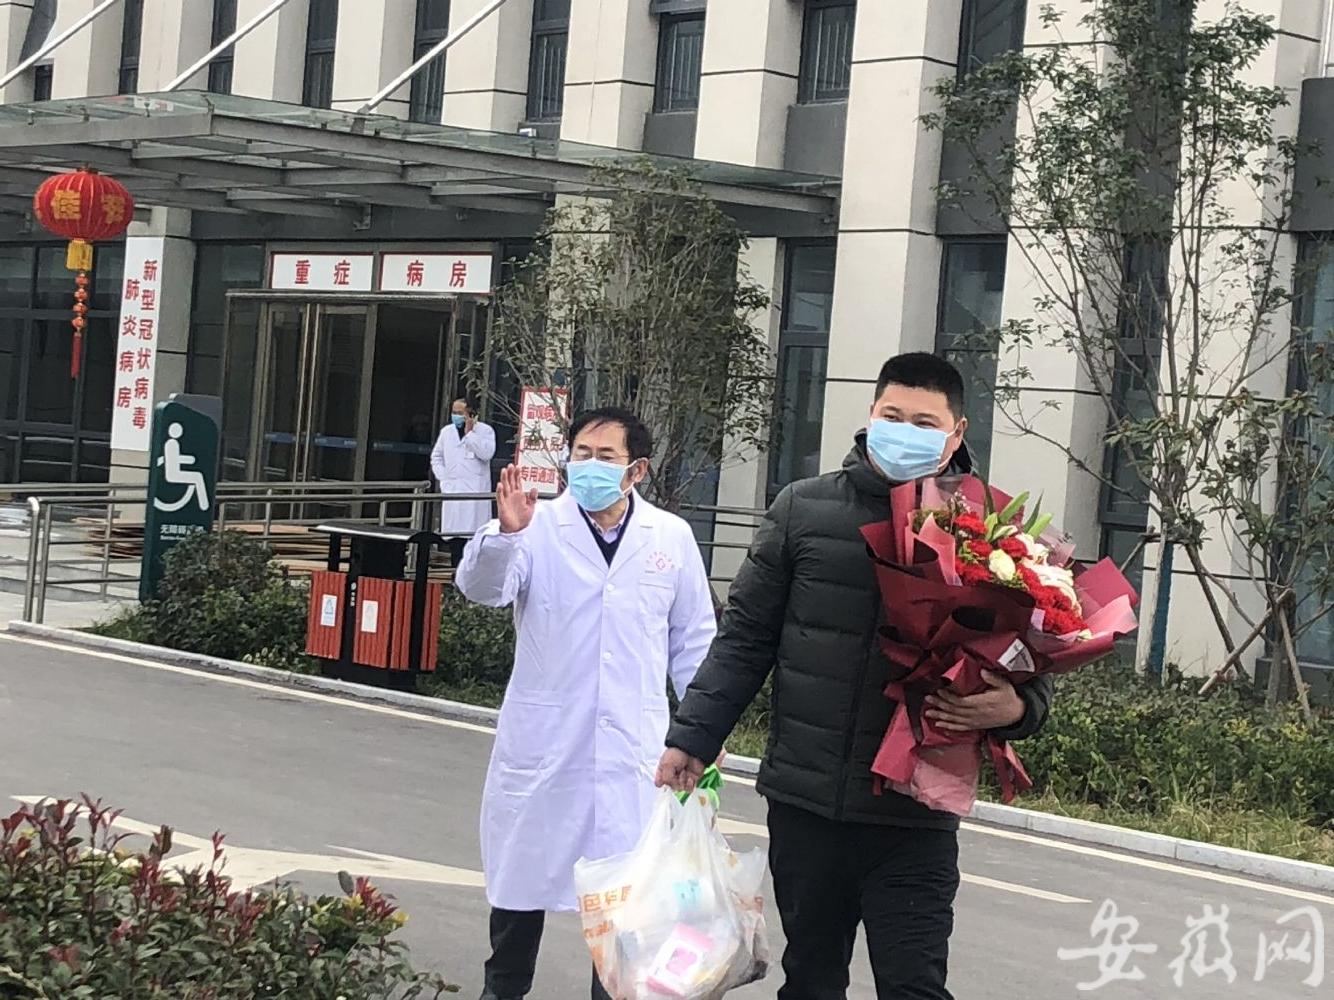 好消息!亳州第二例新冠肺炎治愈患者出院!